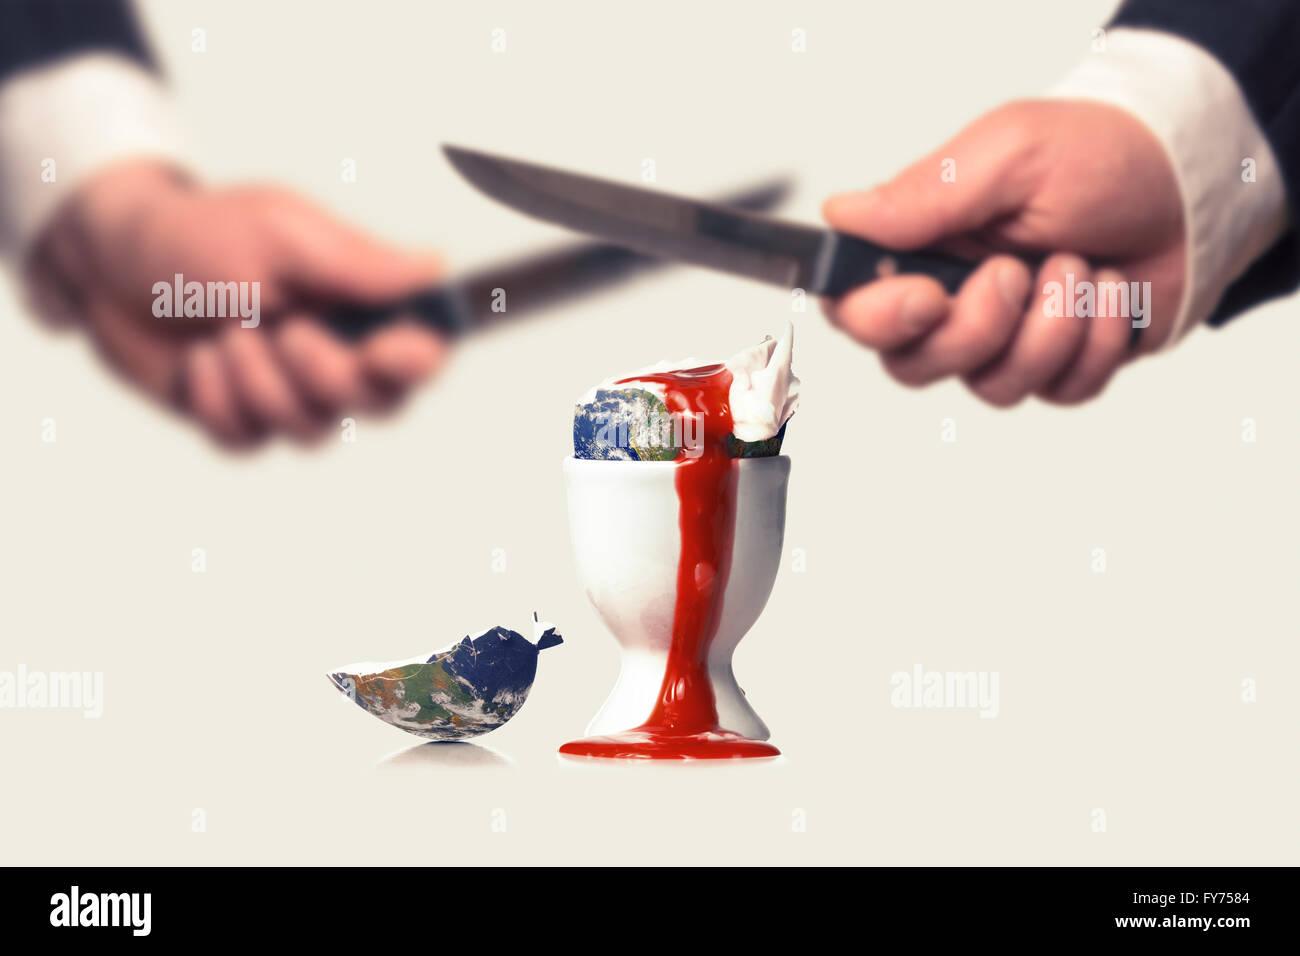 Hommes d'détruire la terre avec couteaux symbolisé par un œuf de saignement Photo Stock